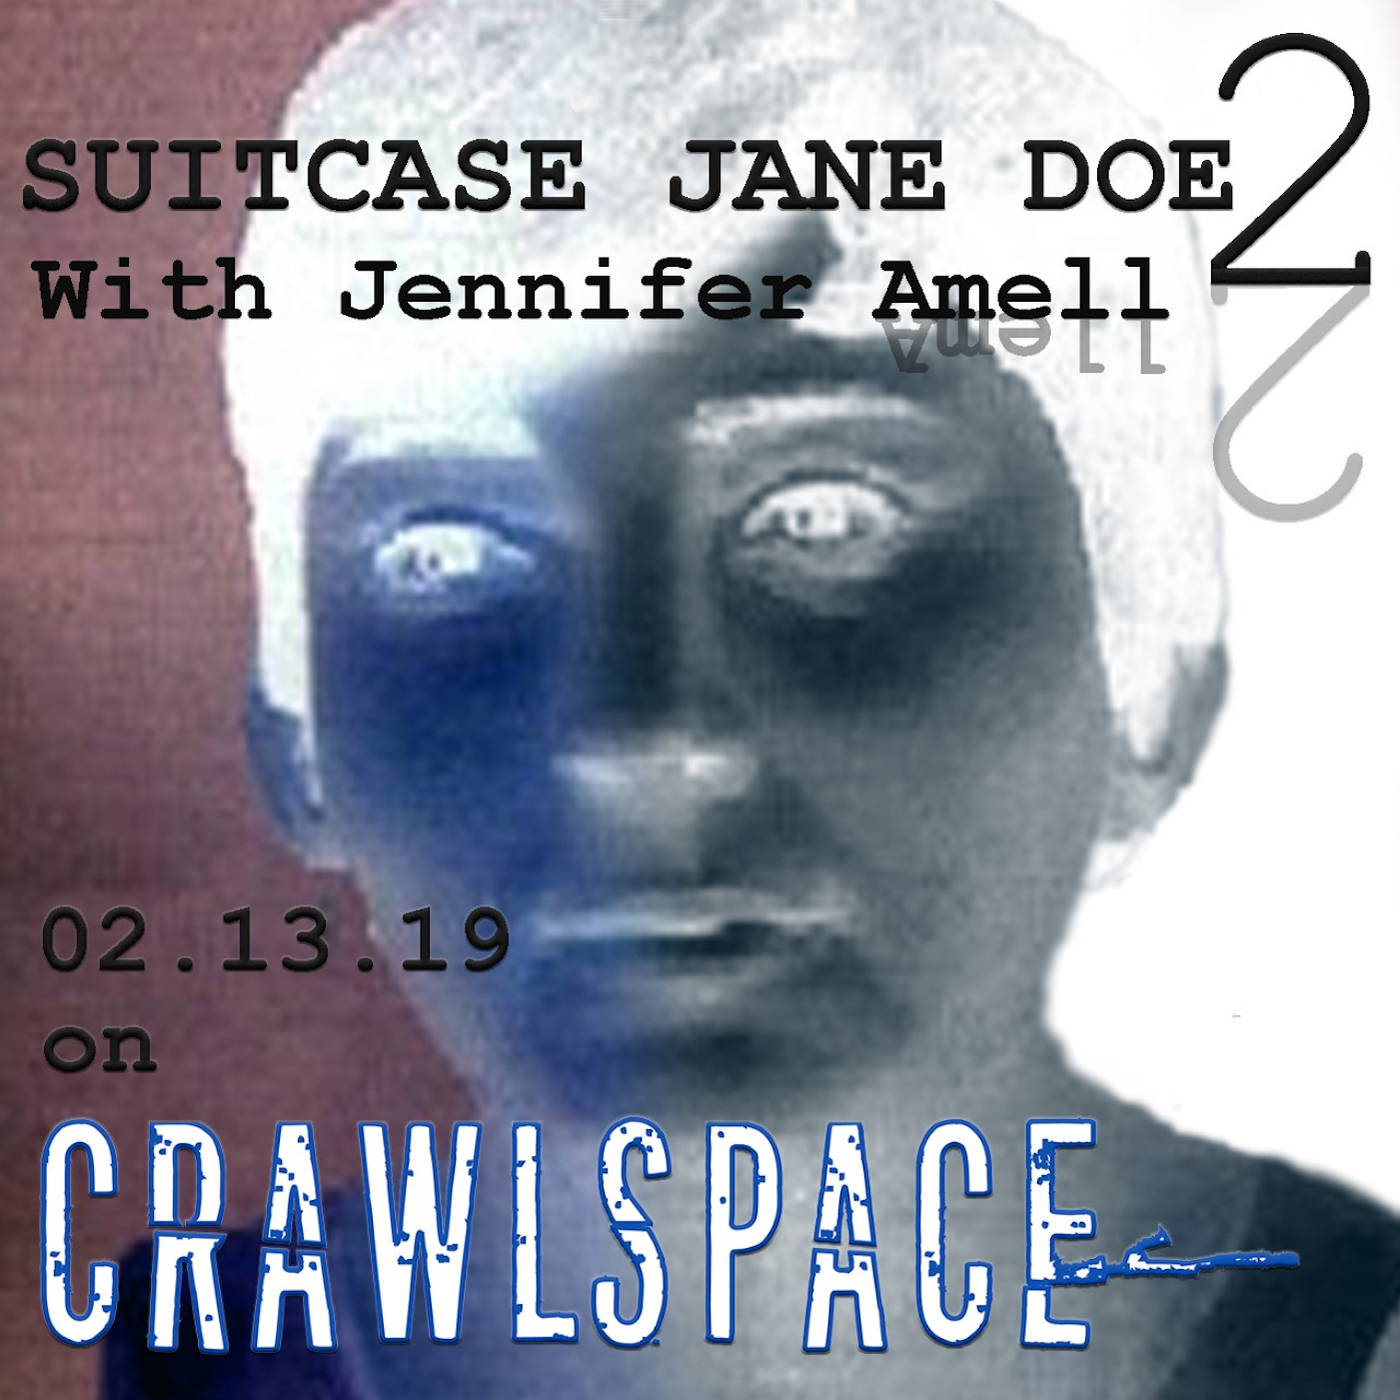 Suitcase Jane Doe 2